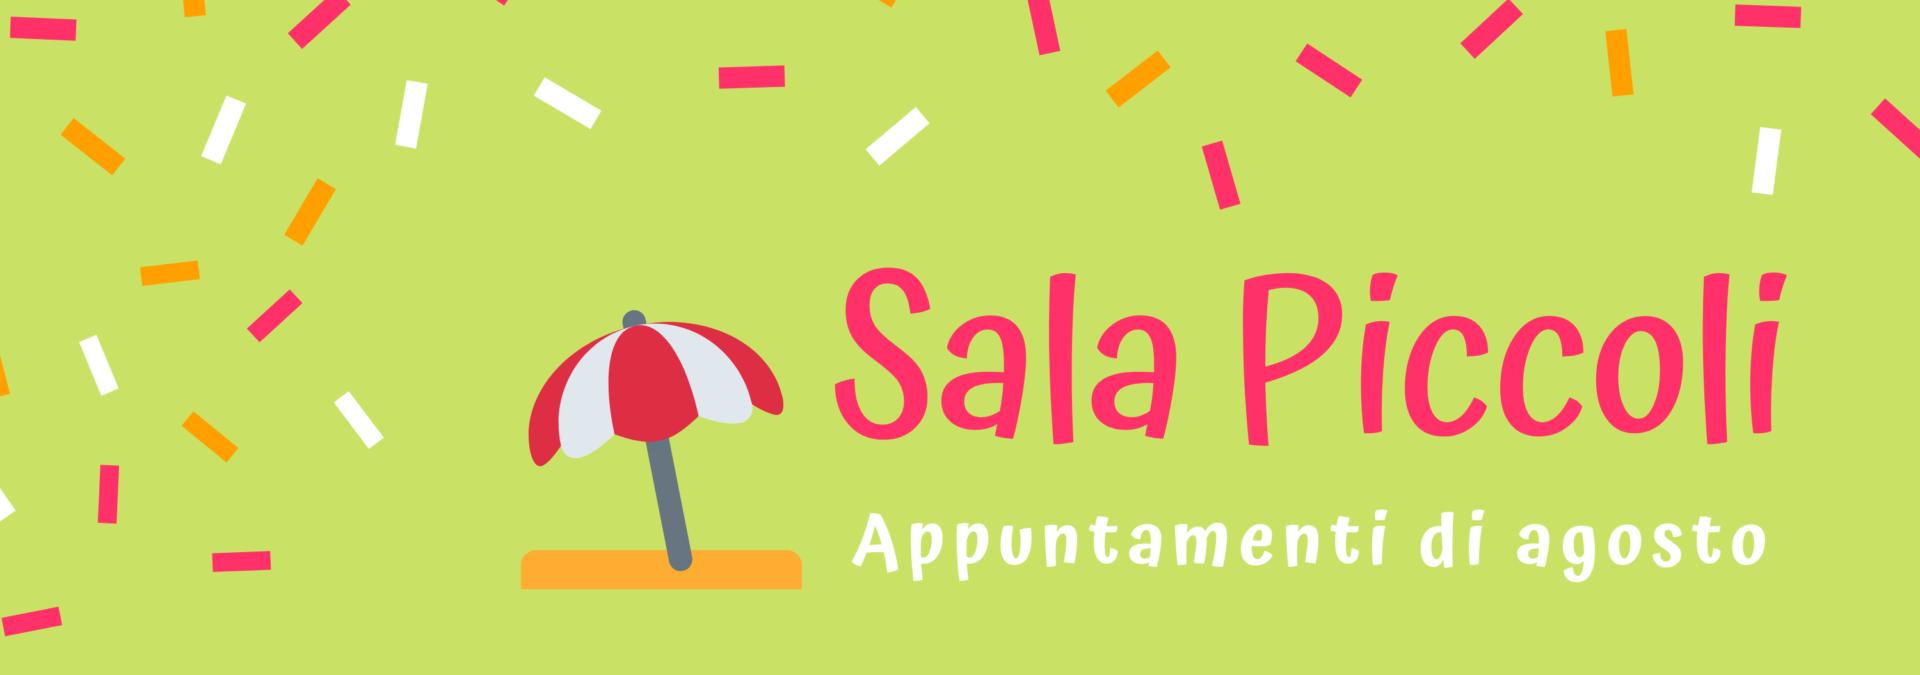 Appuntamenti di agosto in Sala Piccoli